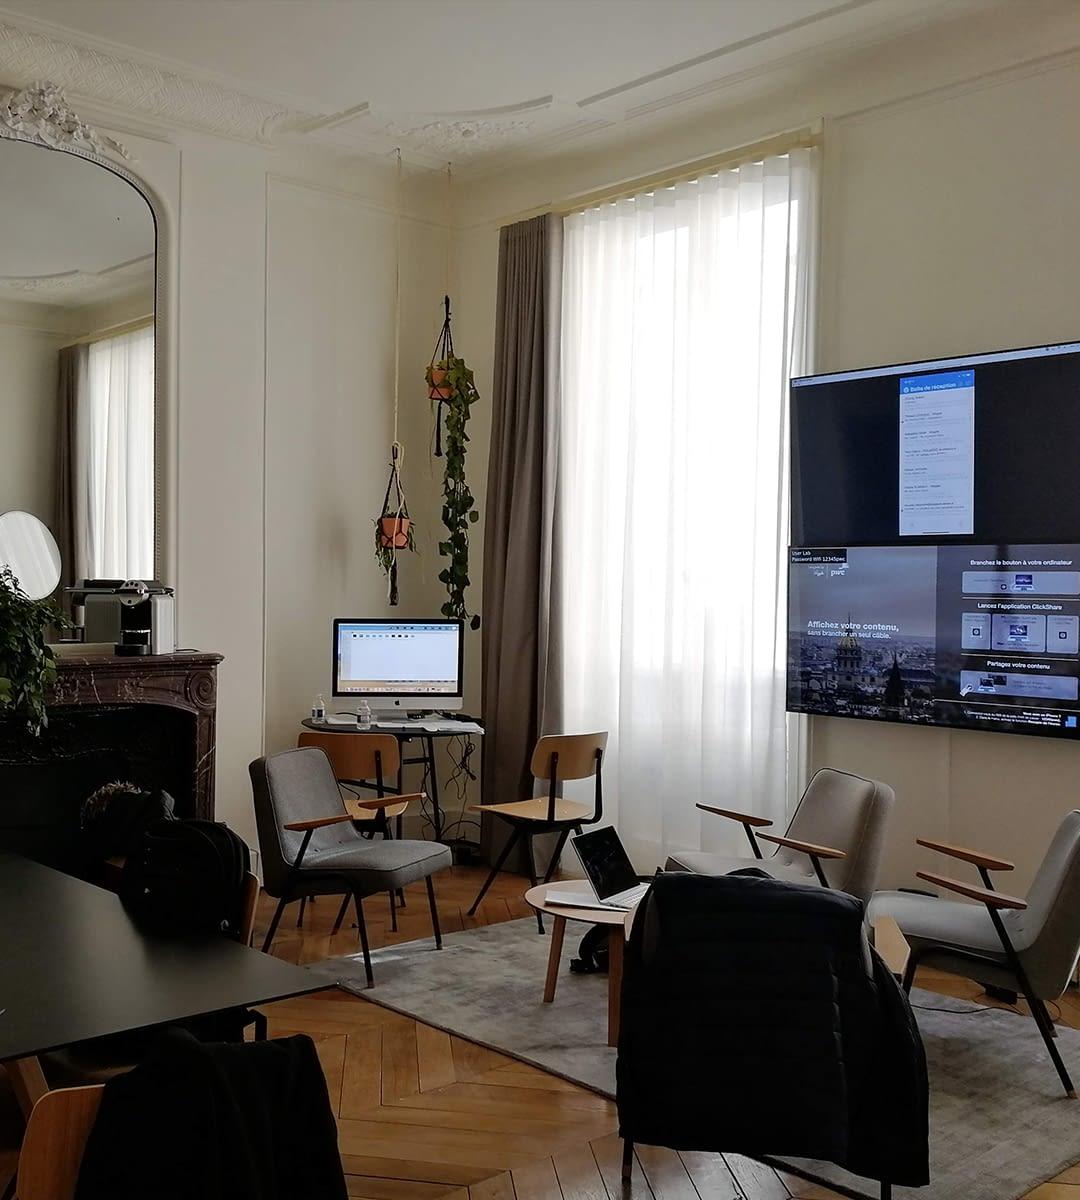 Intégration audiovisuelle salle de réunion pwc experience center par wipple